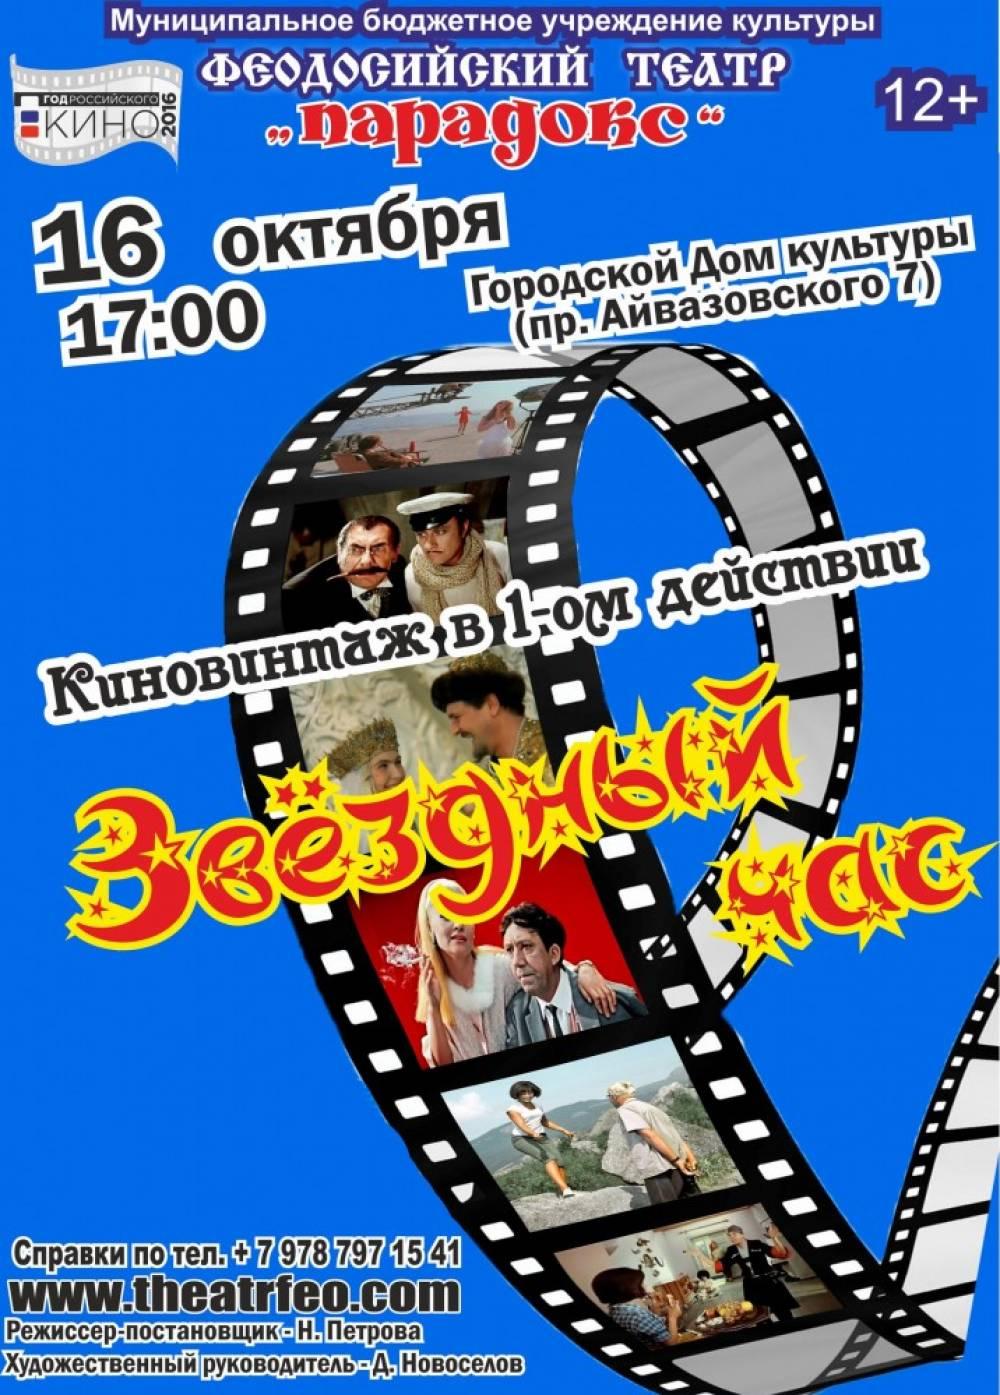 Феодосийский театр «Парадокс» приглашает на премьеру